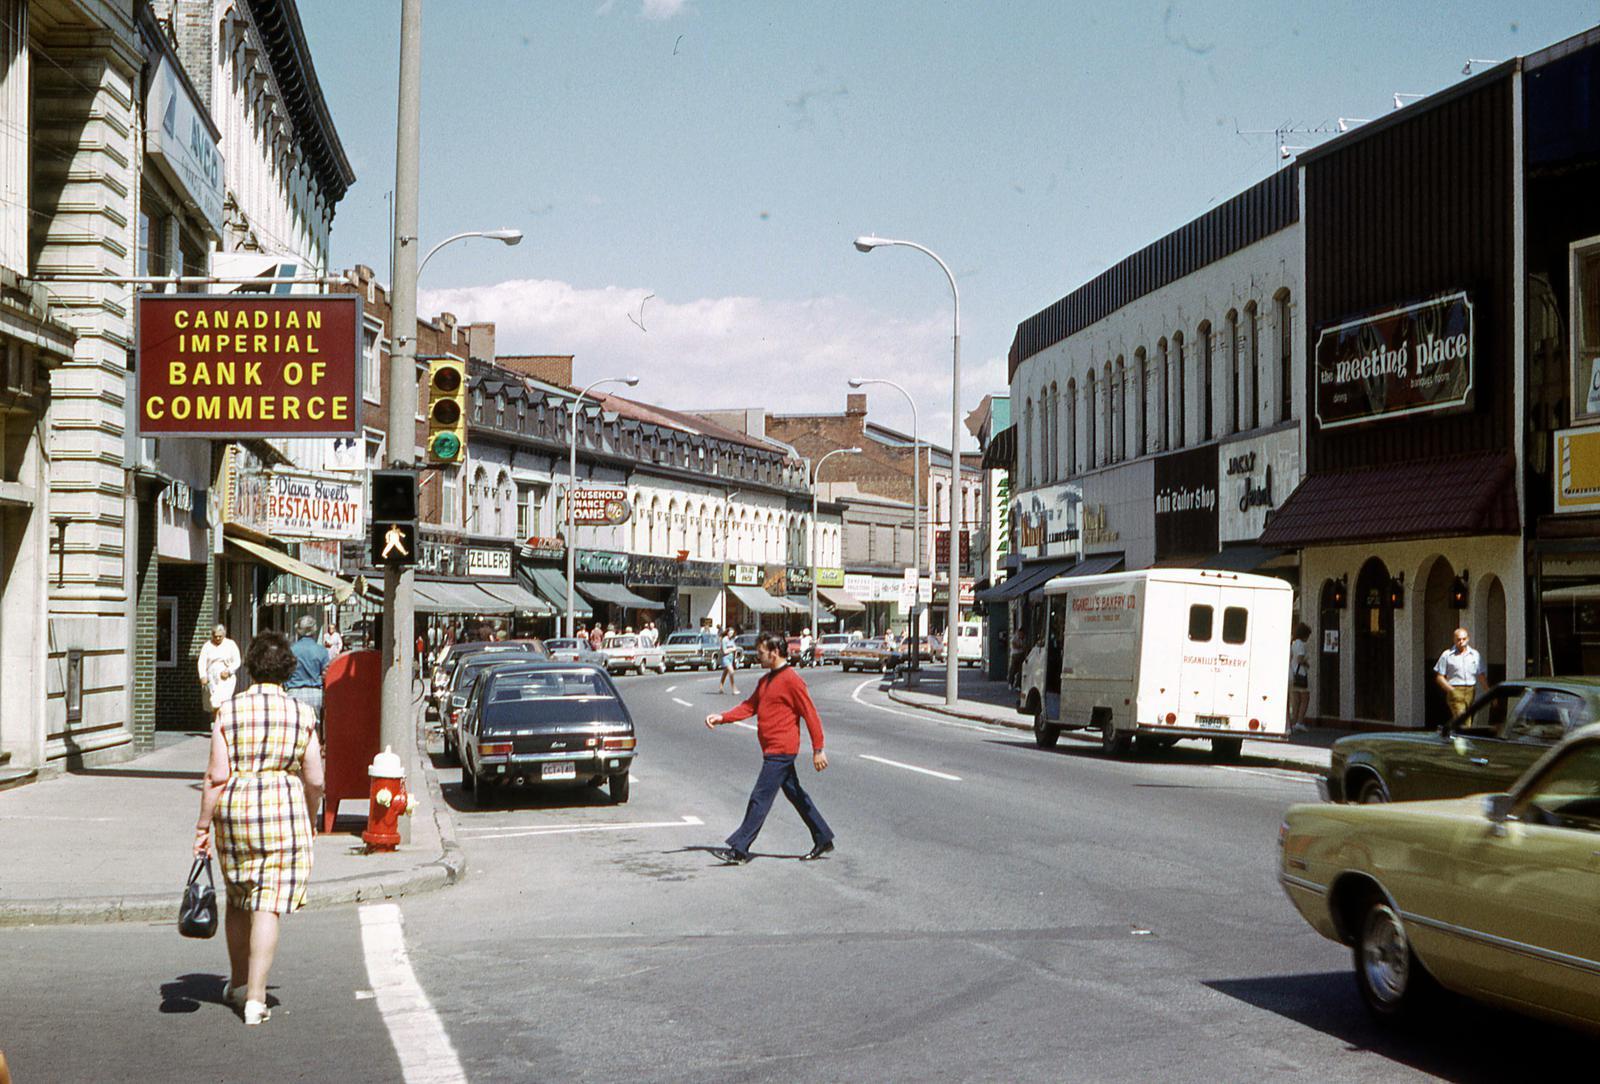 St. Paul Street from Queen Street